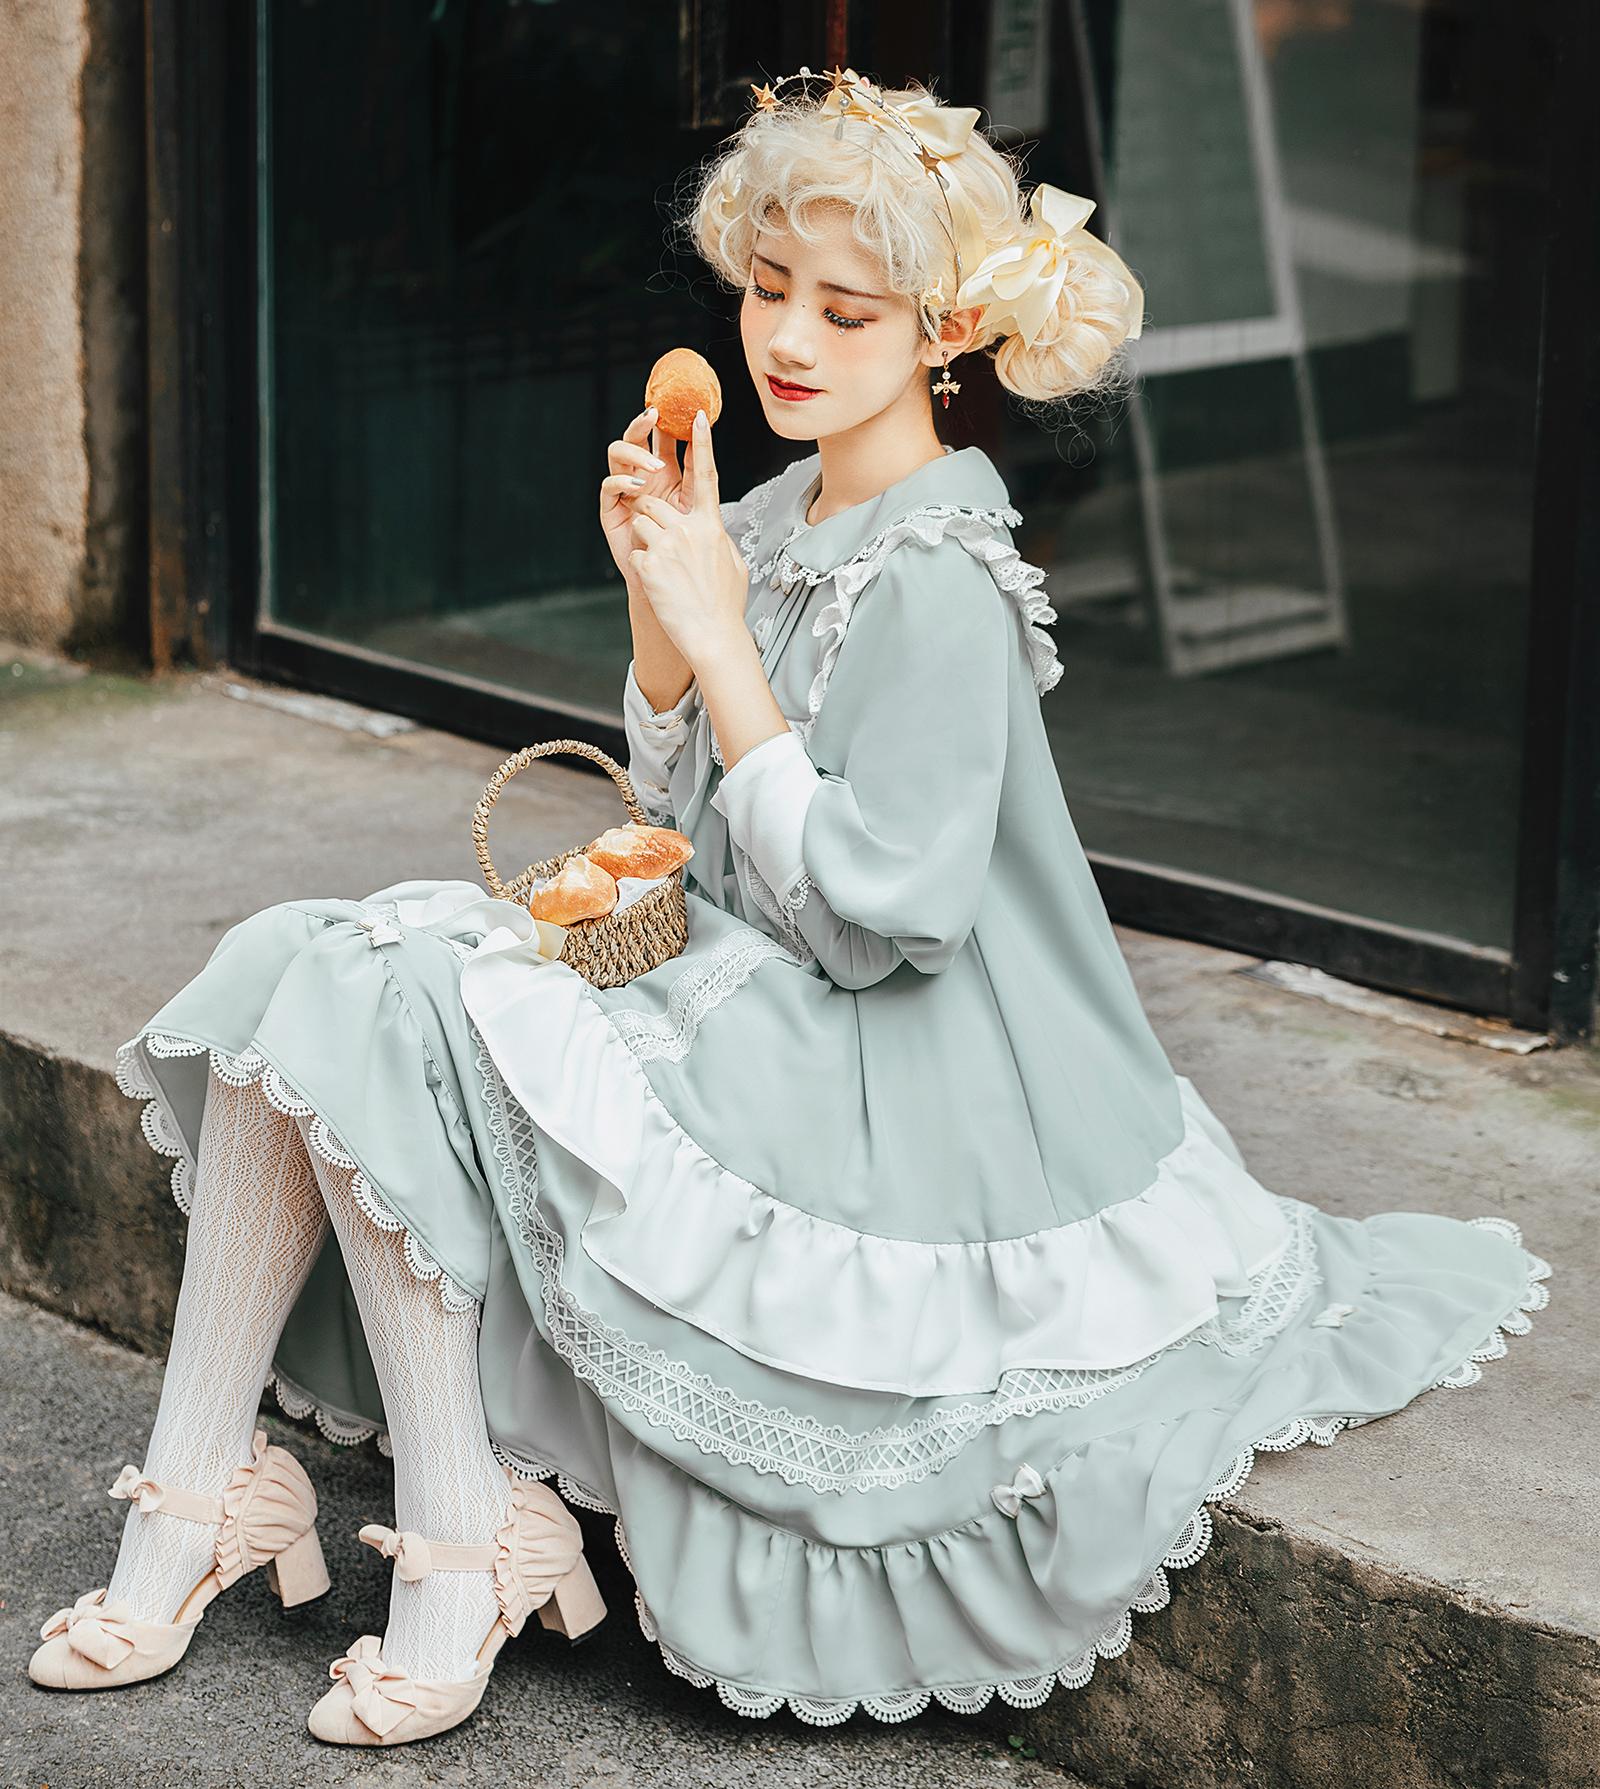 【现货】甜茶欧蕾 花神的祈愿原创  洛丽塔Lolita宽松娃娃裙 OP